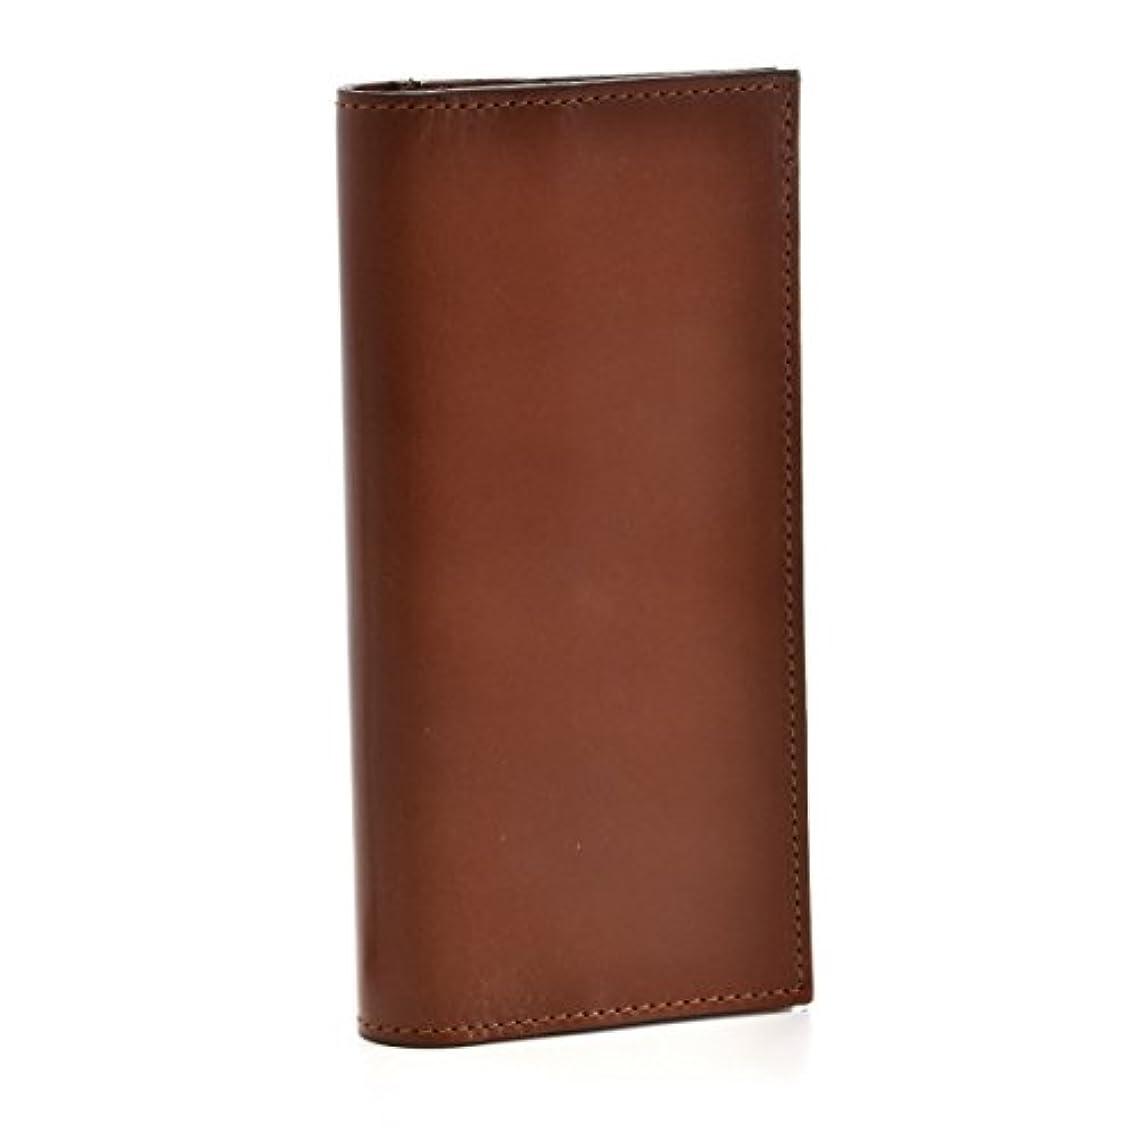 バック背景等しいGLENROYAL(グレンロイヤル) 財布 メンズ BRIDLE LEATHER 2つ折り長財布 ブラウン 035605-0001-0004 [並行輸入品]